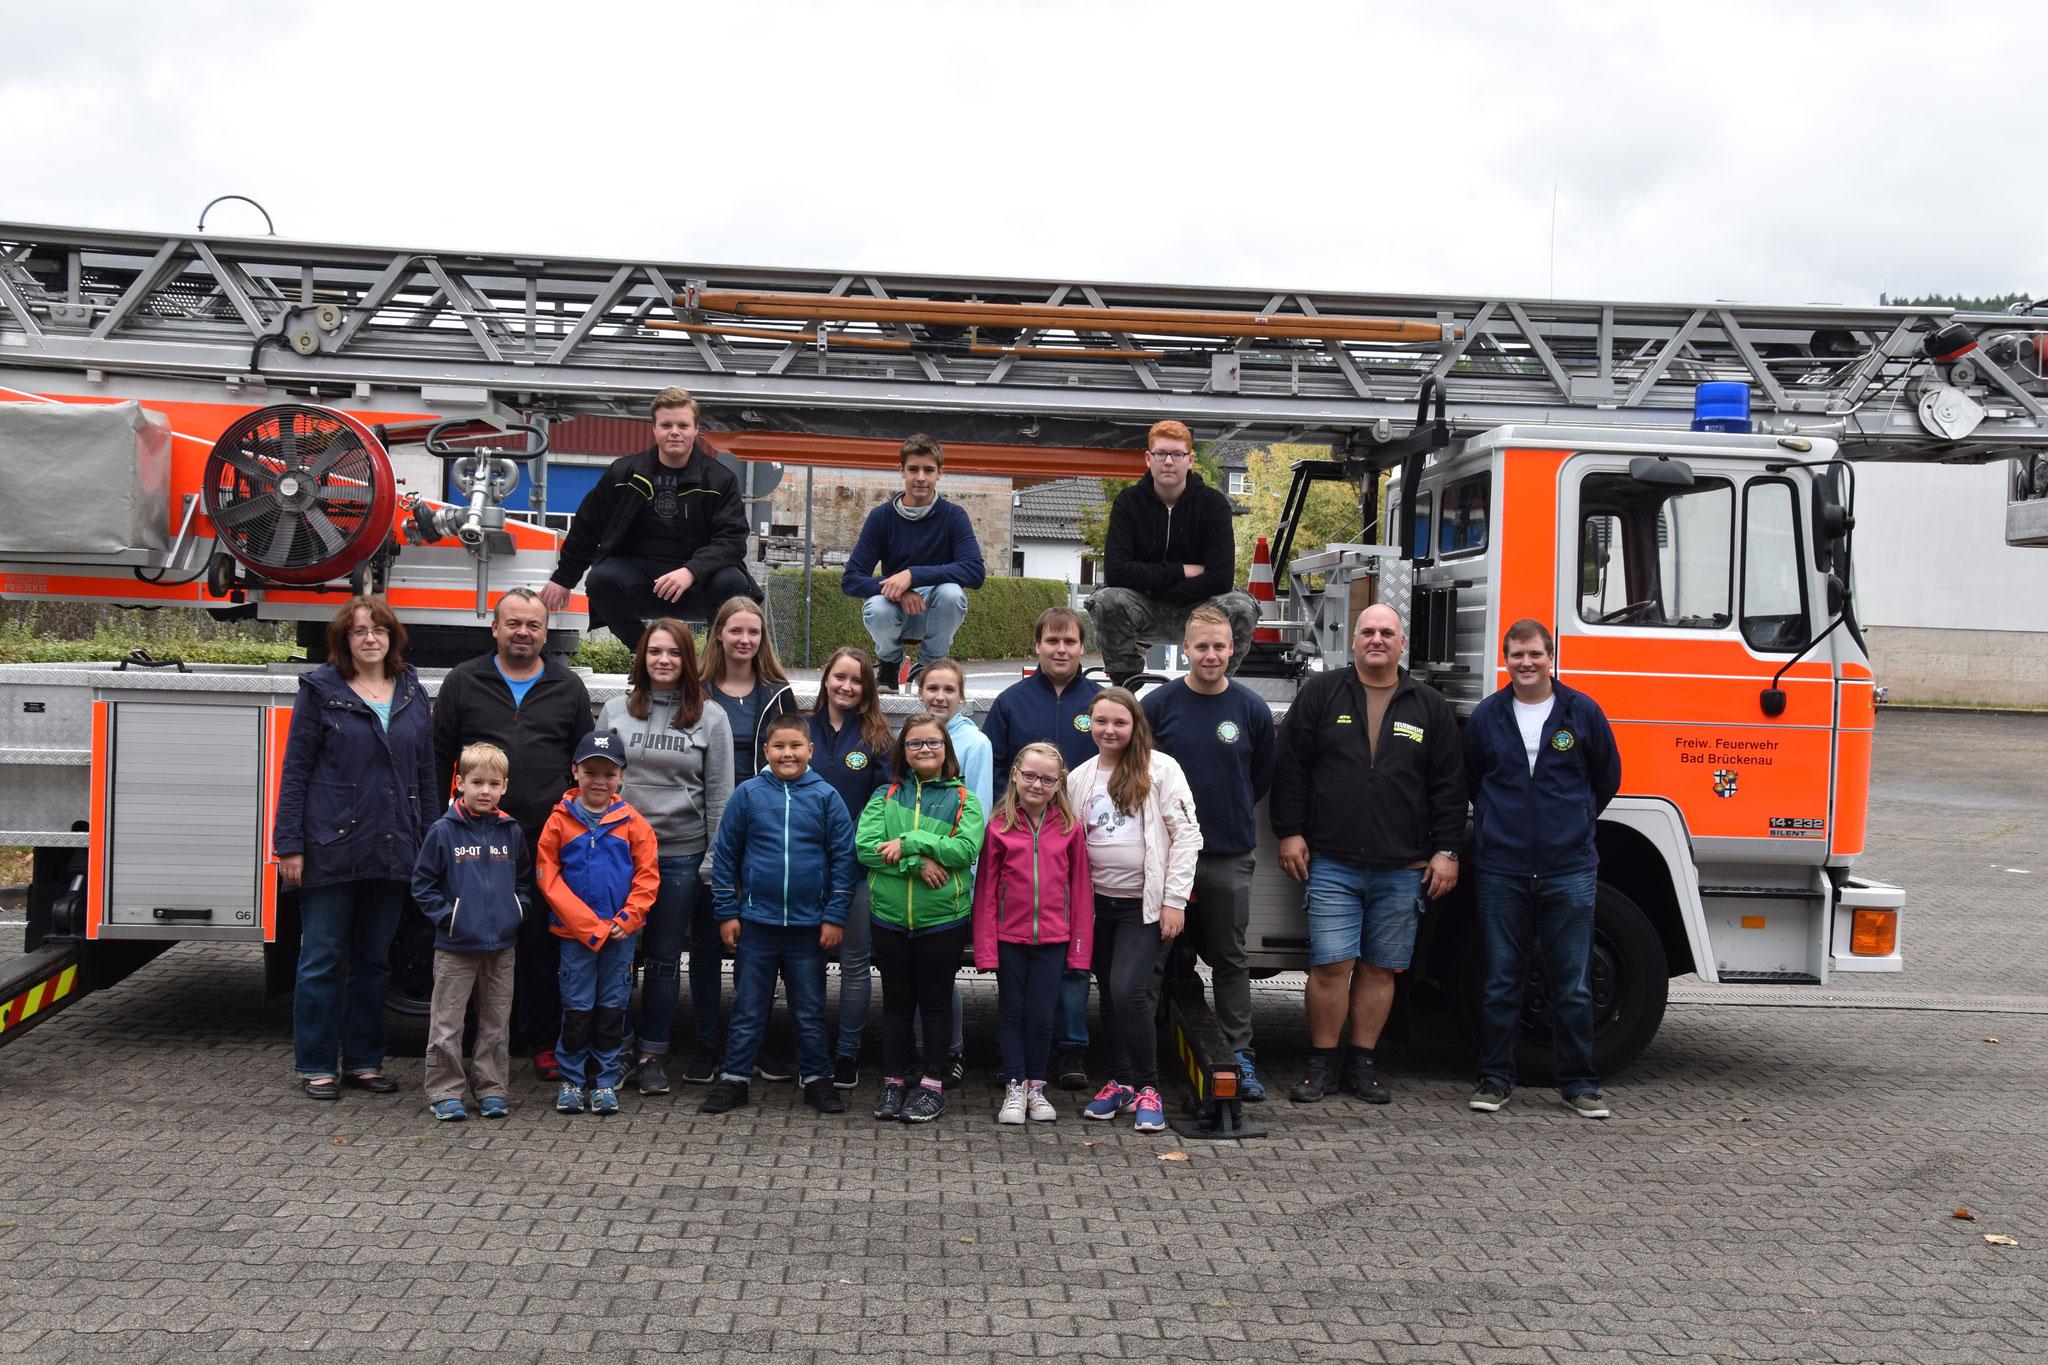 Besuch der Drehleiter bei der Feuerwehr Bad Brückenau